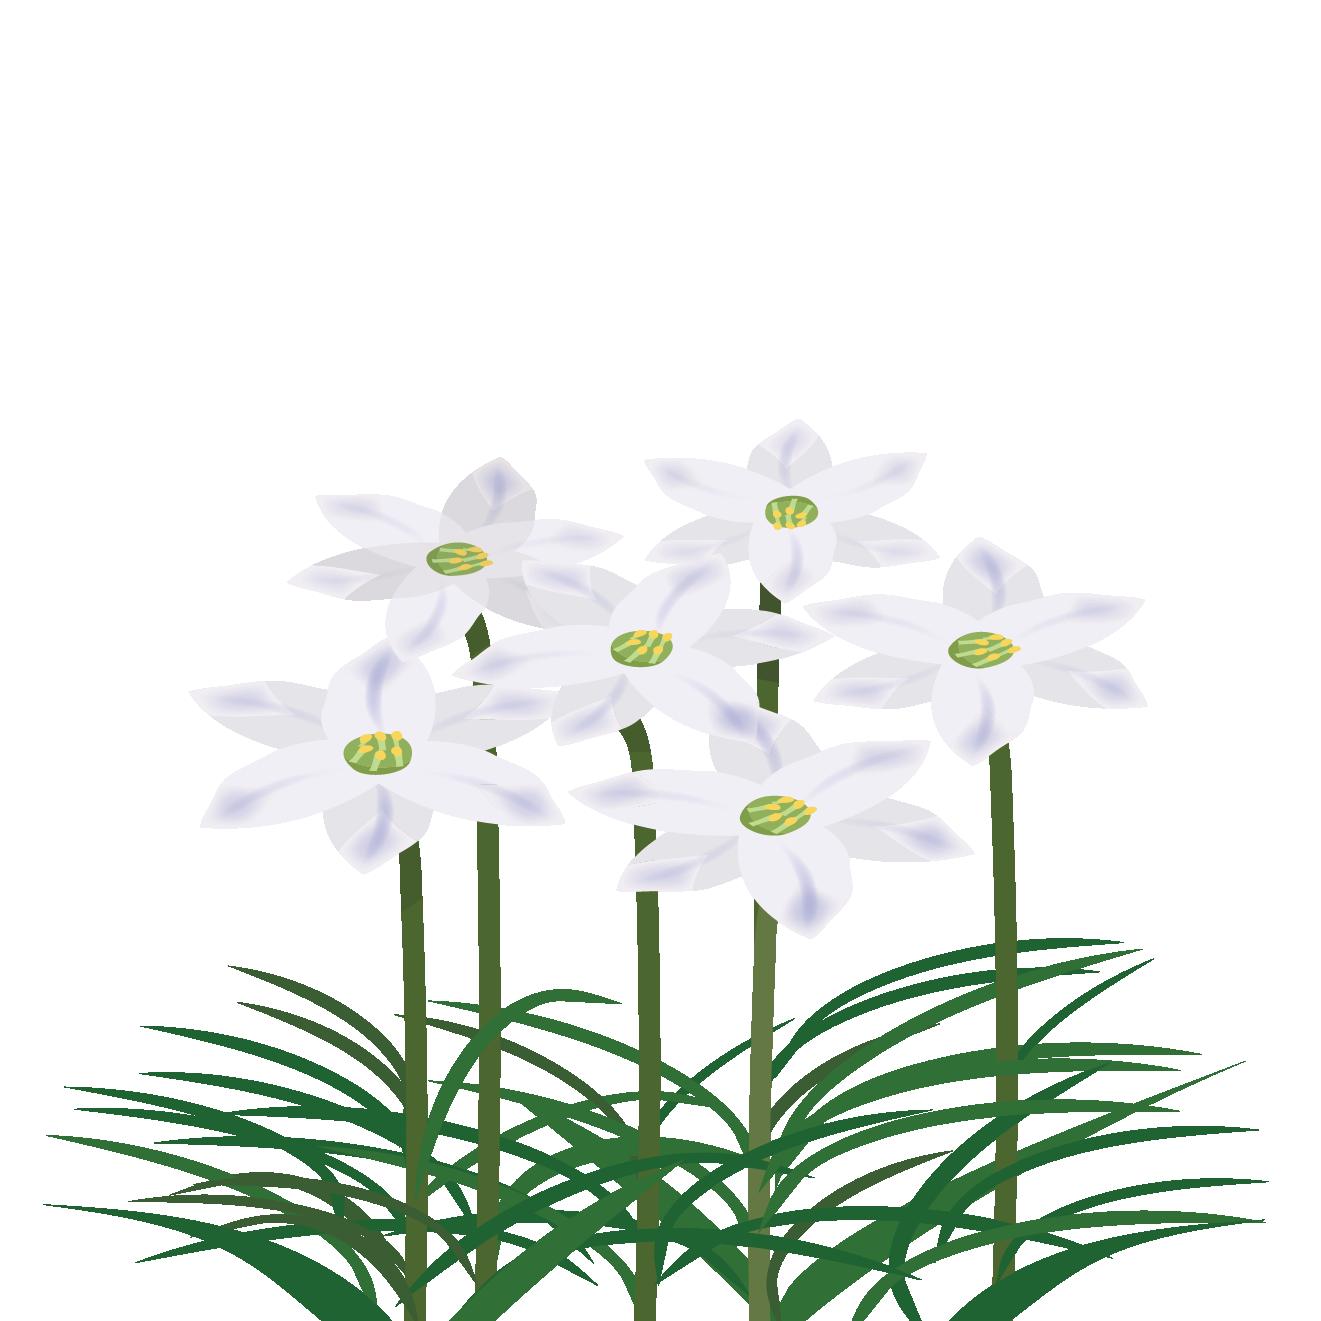 野に咲く春の花 ハナニラ(花韮)の フリー イラスト